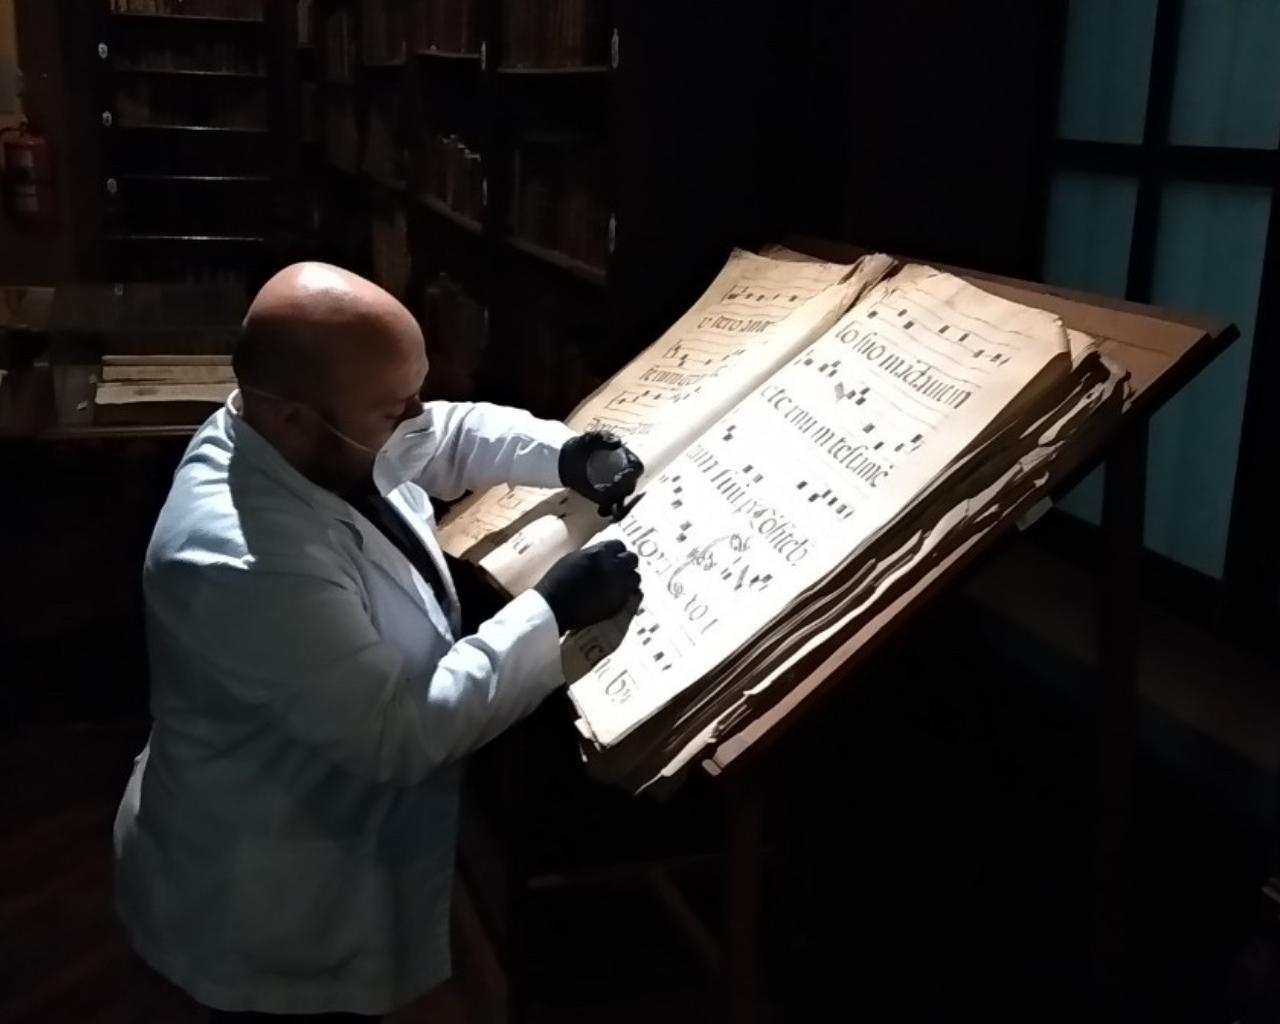 Analizan impacto del biodeterioro de los archivos históricos patrimoniales